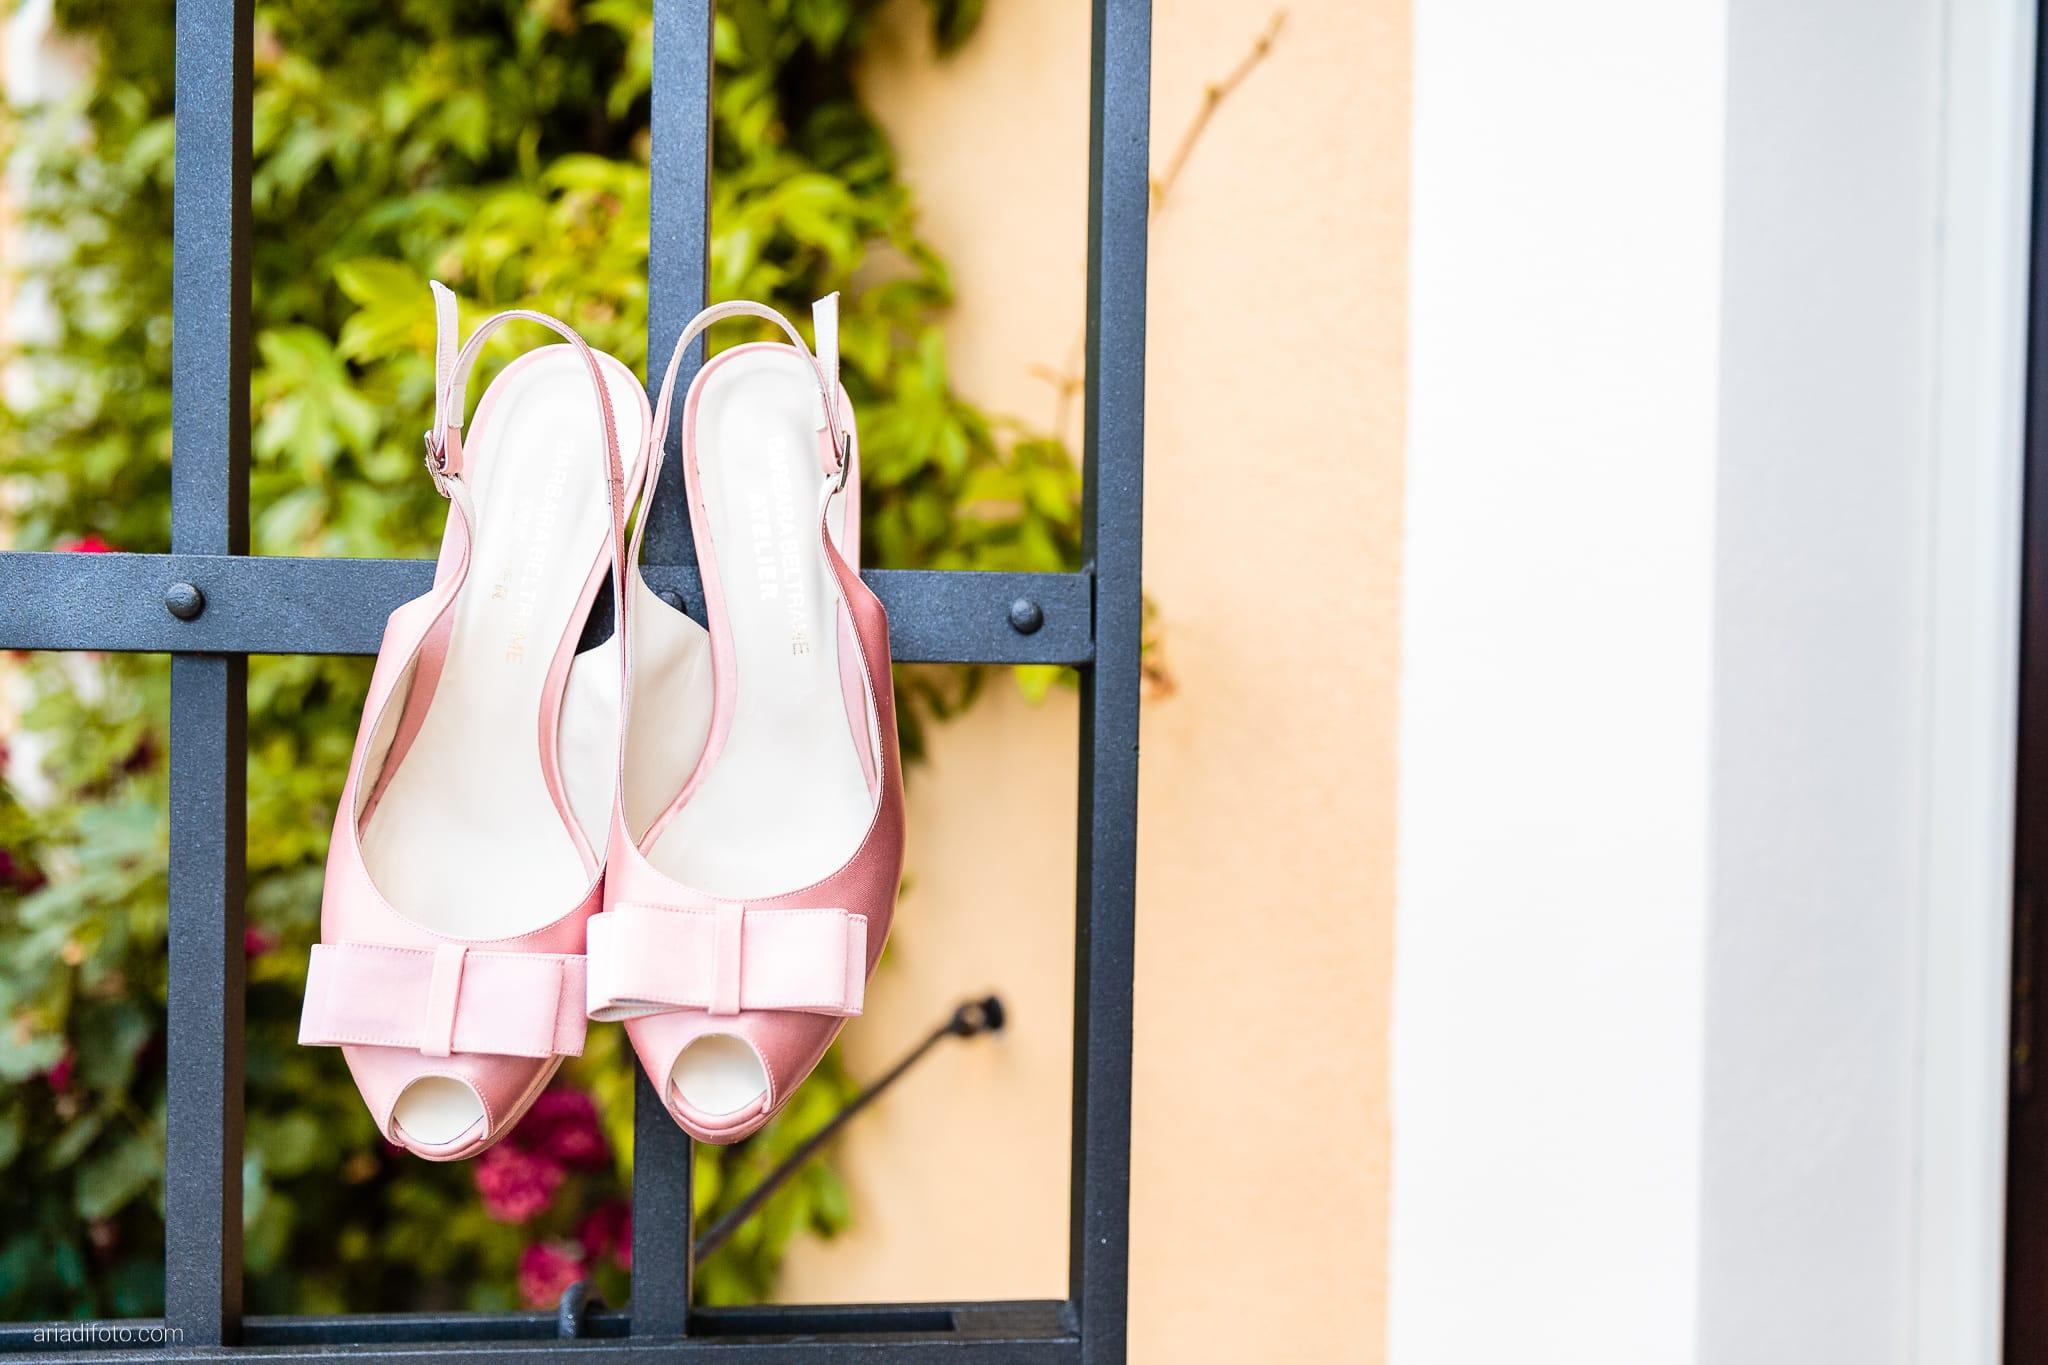 Sofia Mario Matrimonio Baronesse Tacco Collio Gorizia preparativi dettagli scarpe